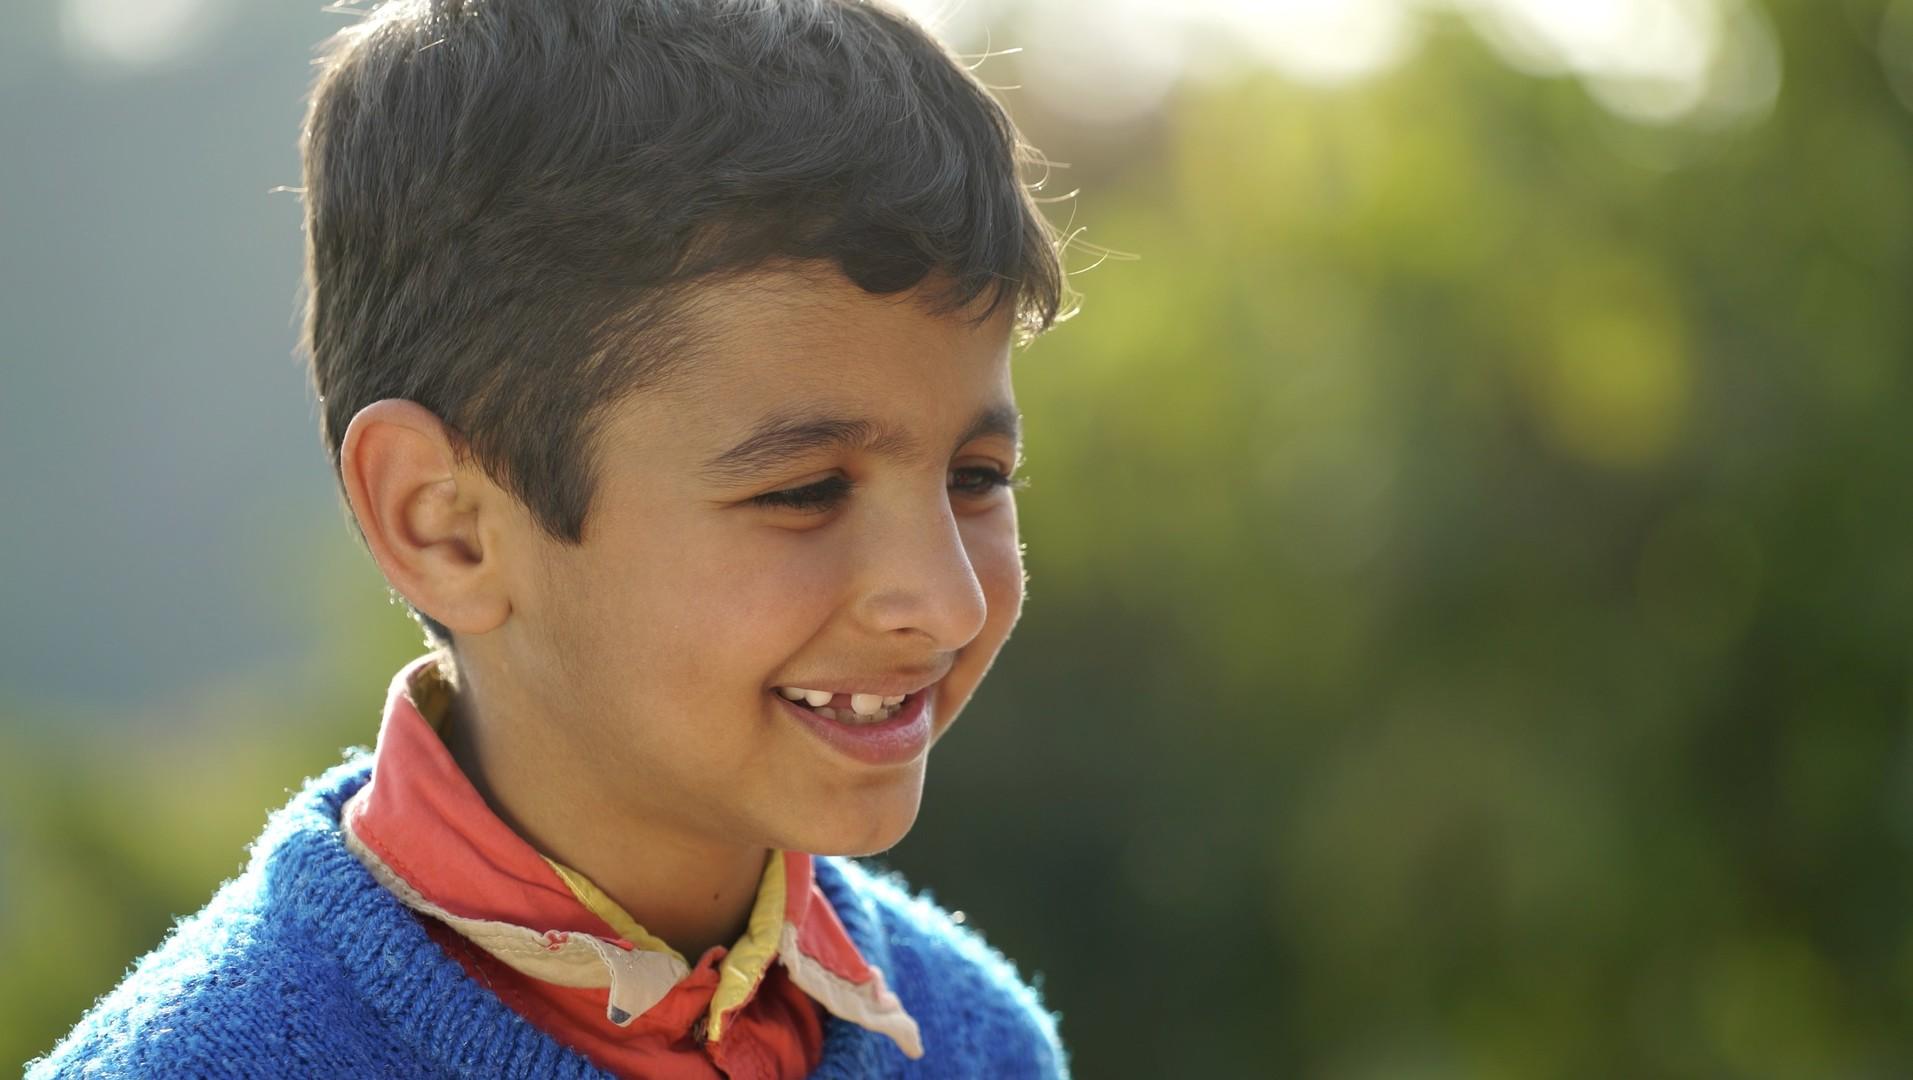 Photo 7 Bishnu_happy